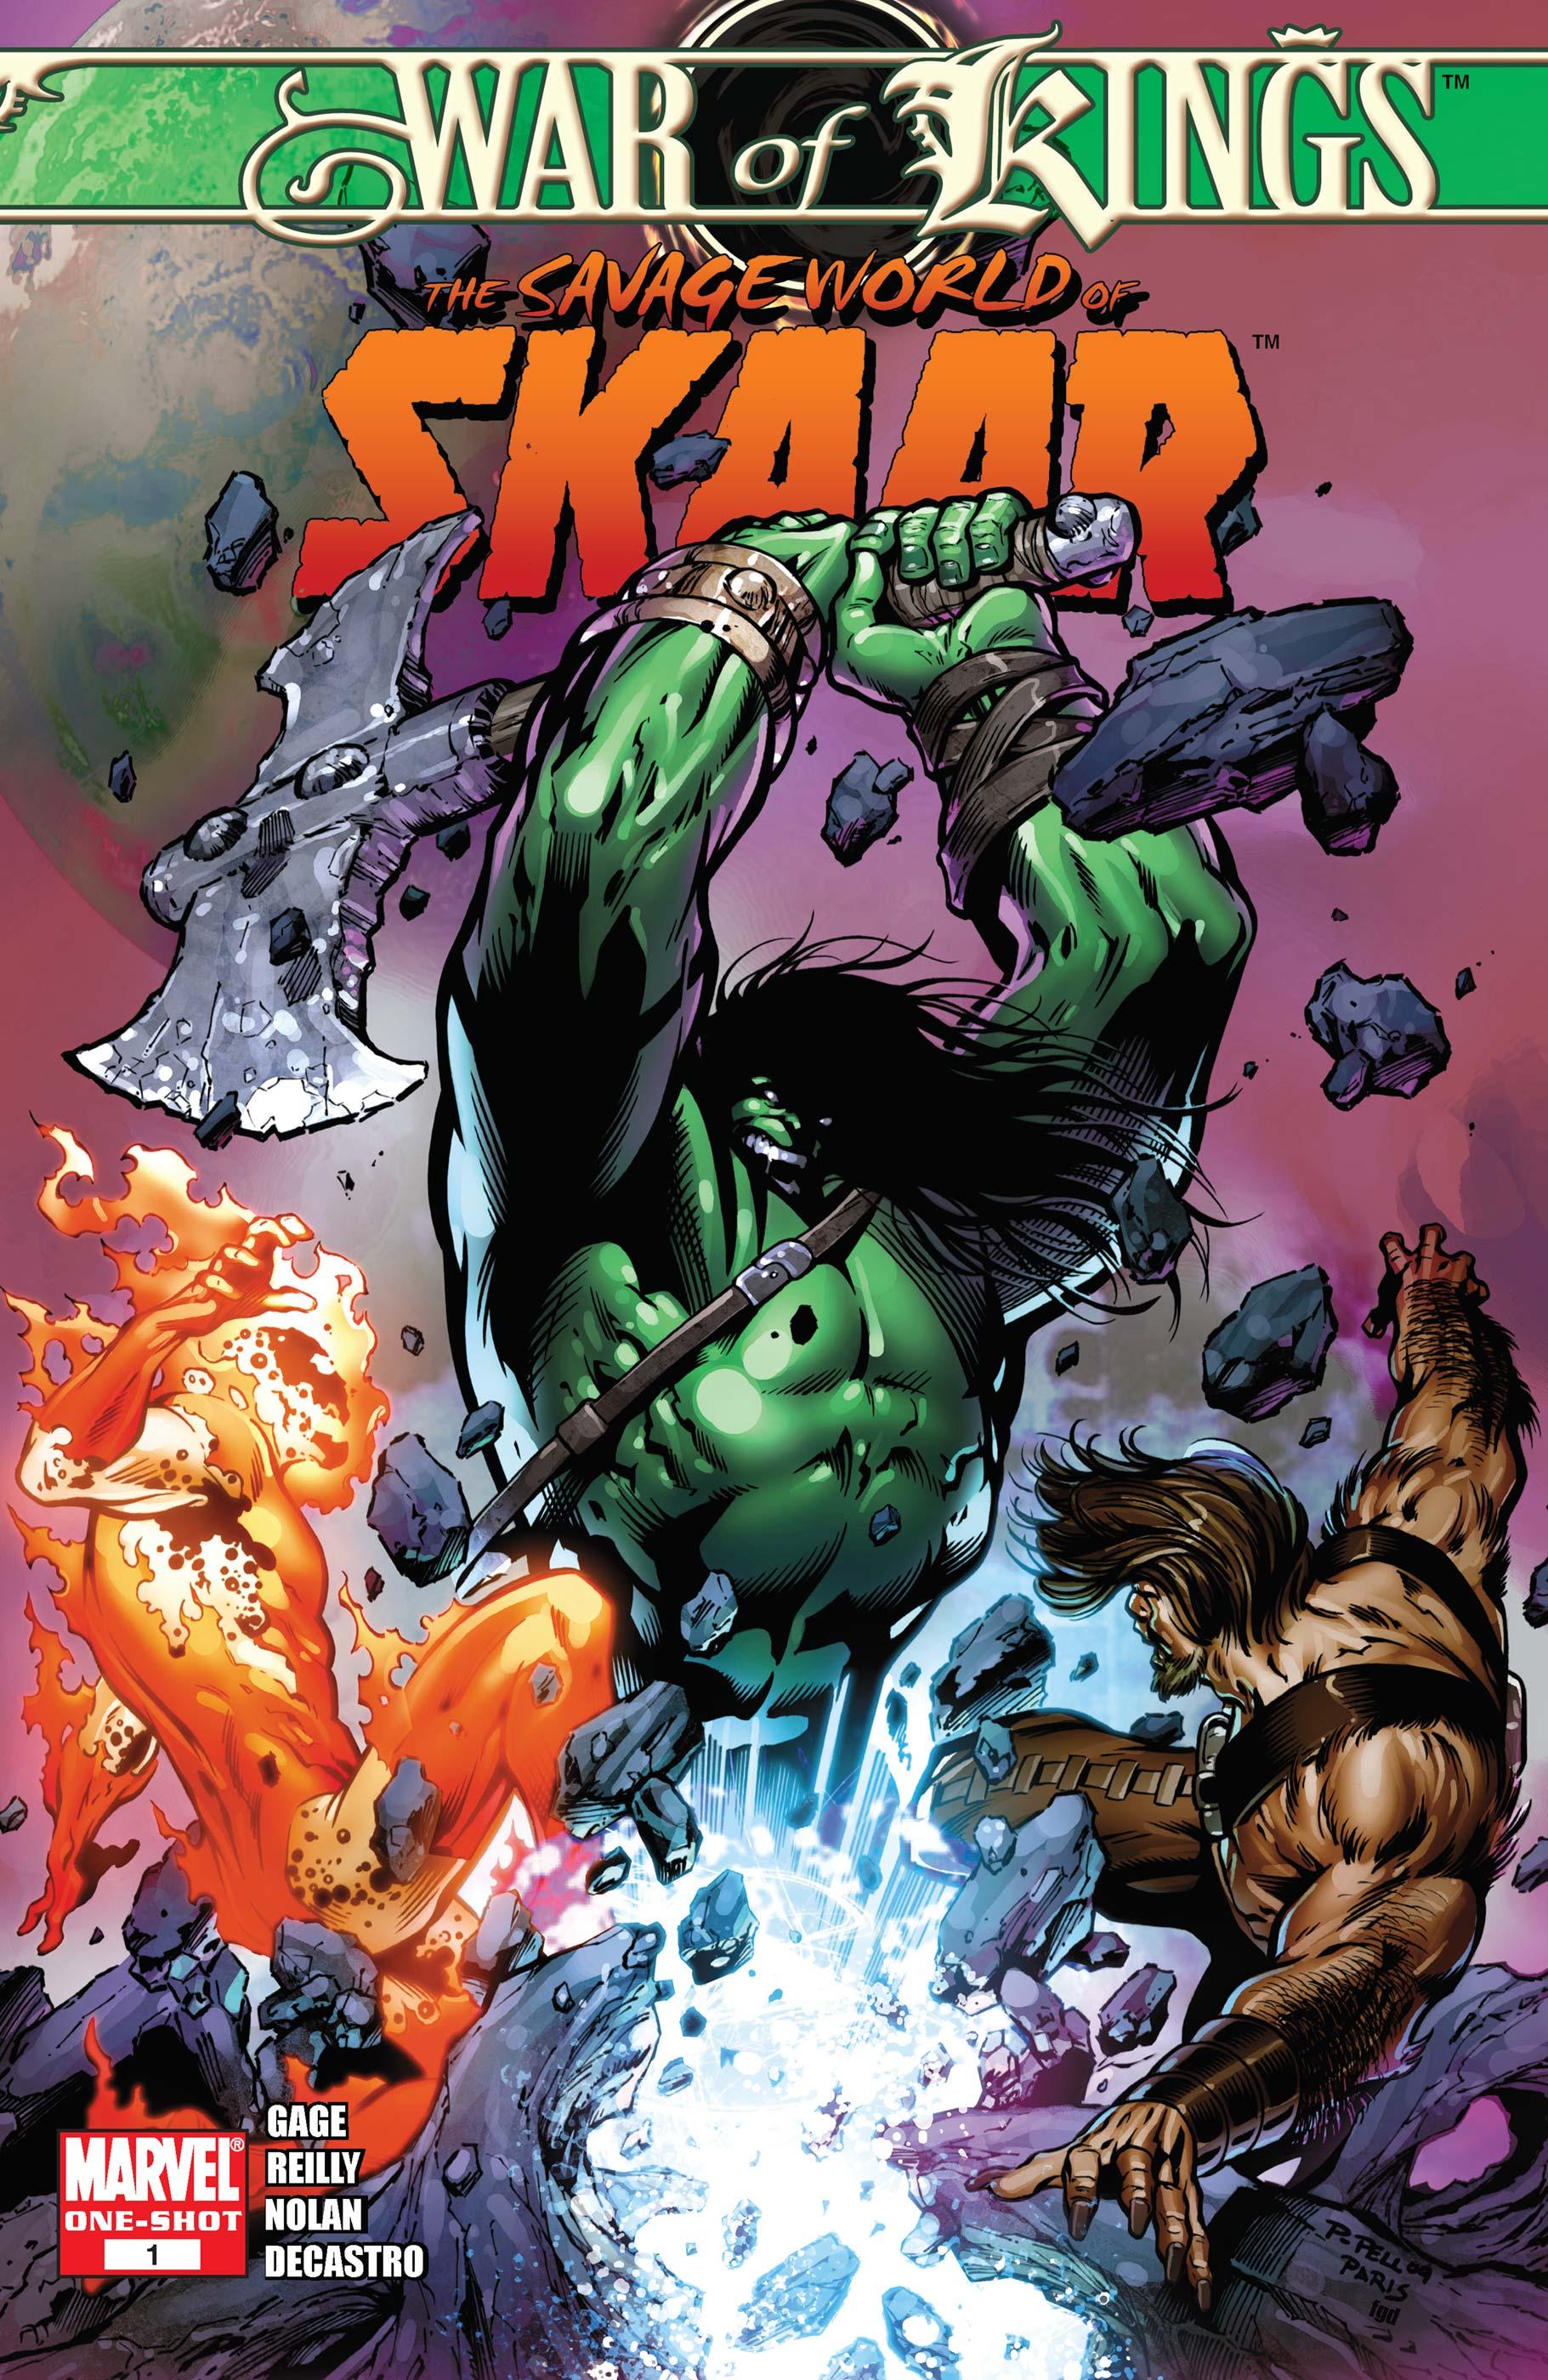 War of Kings: Savage World of Sakaar (2009) #1